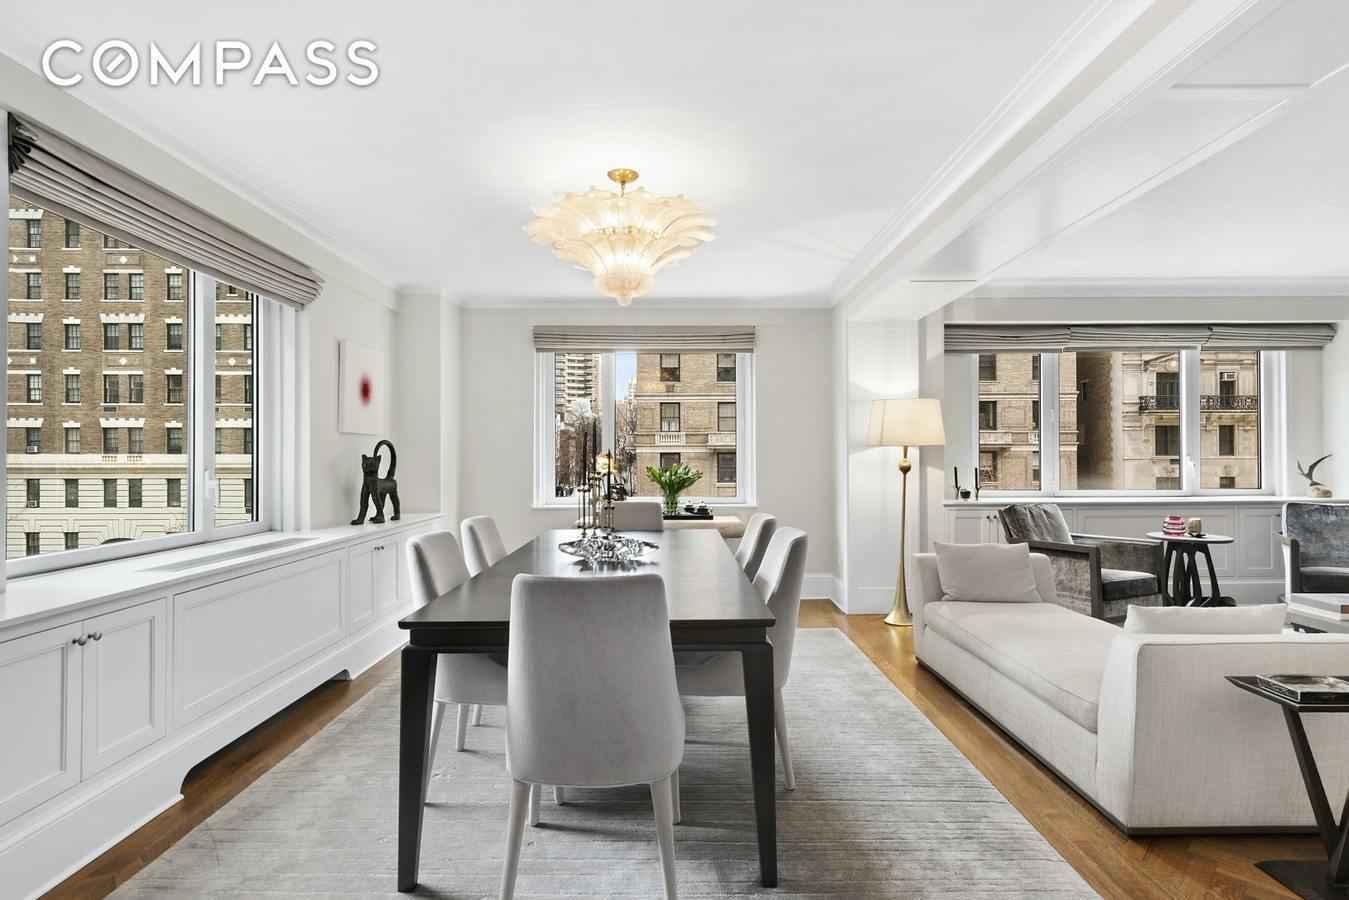 Apartment for sale at 530 Park Avenue, Apt 4-D